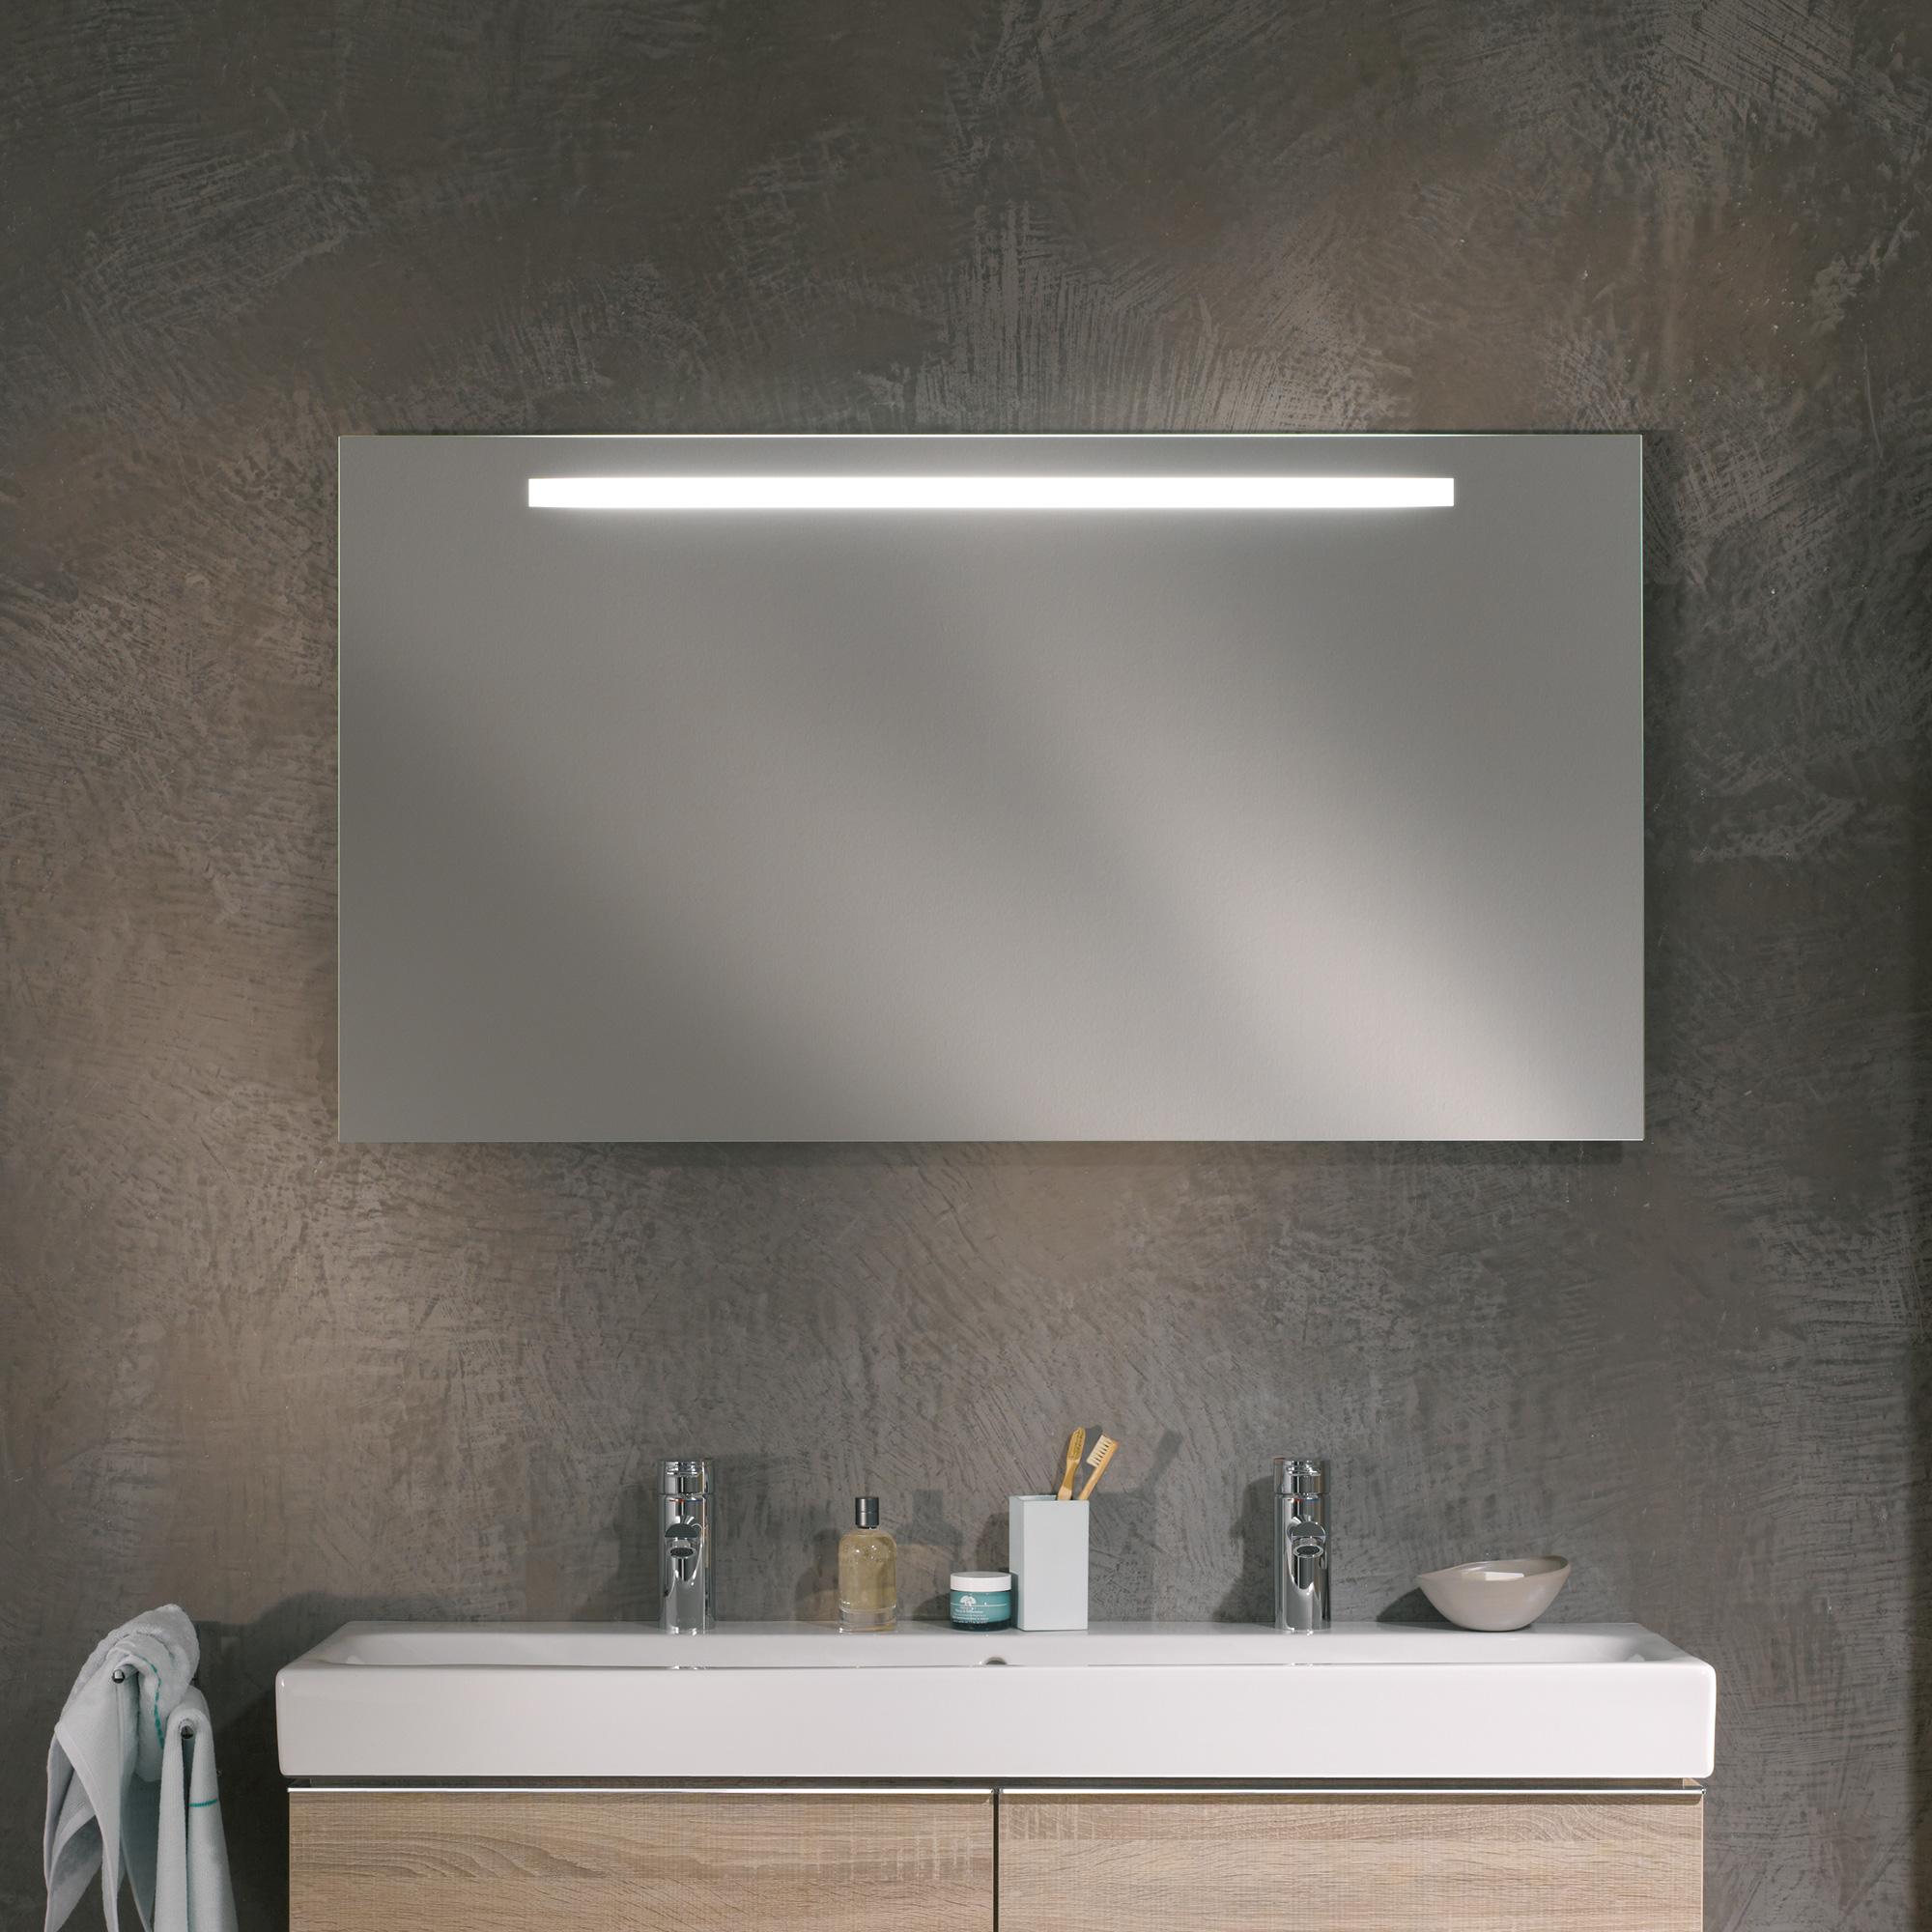 keramag option lichtspiegel 800420000 reuter onlineshop. Black Bedroom Furniture Sets. Home Design Ideas